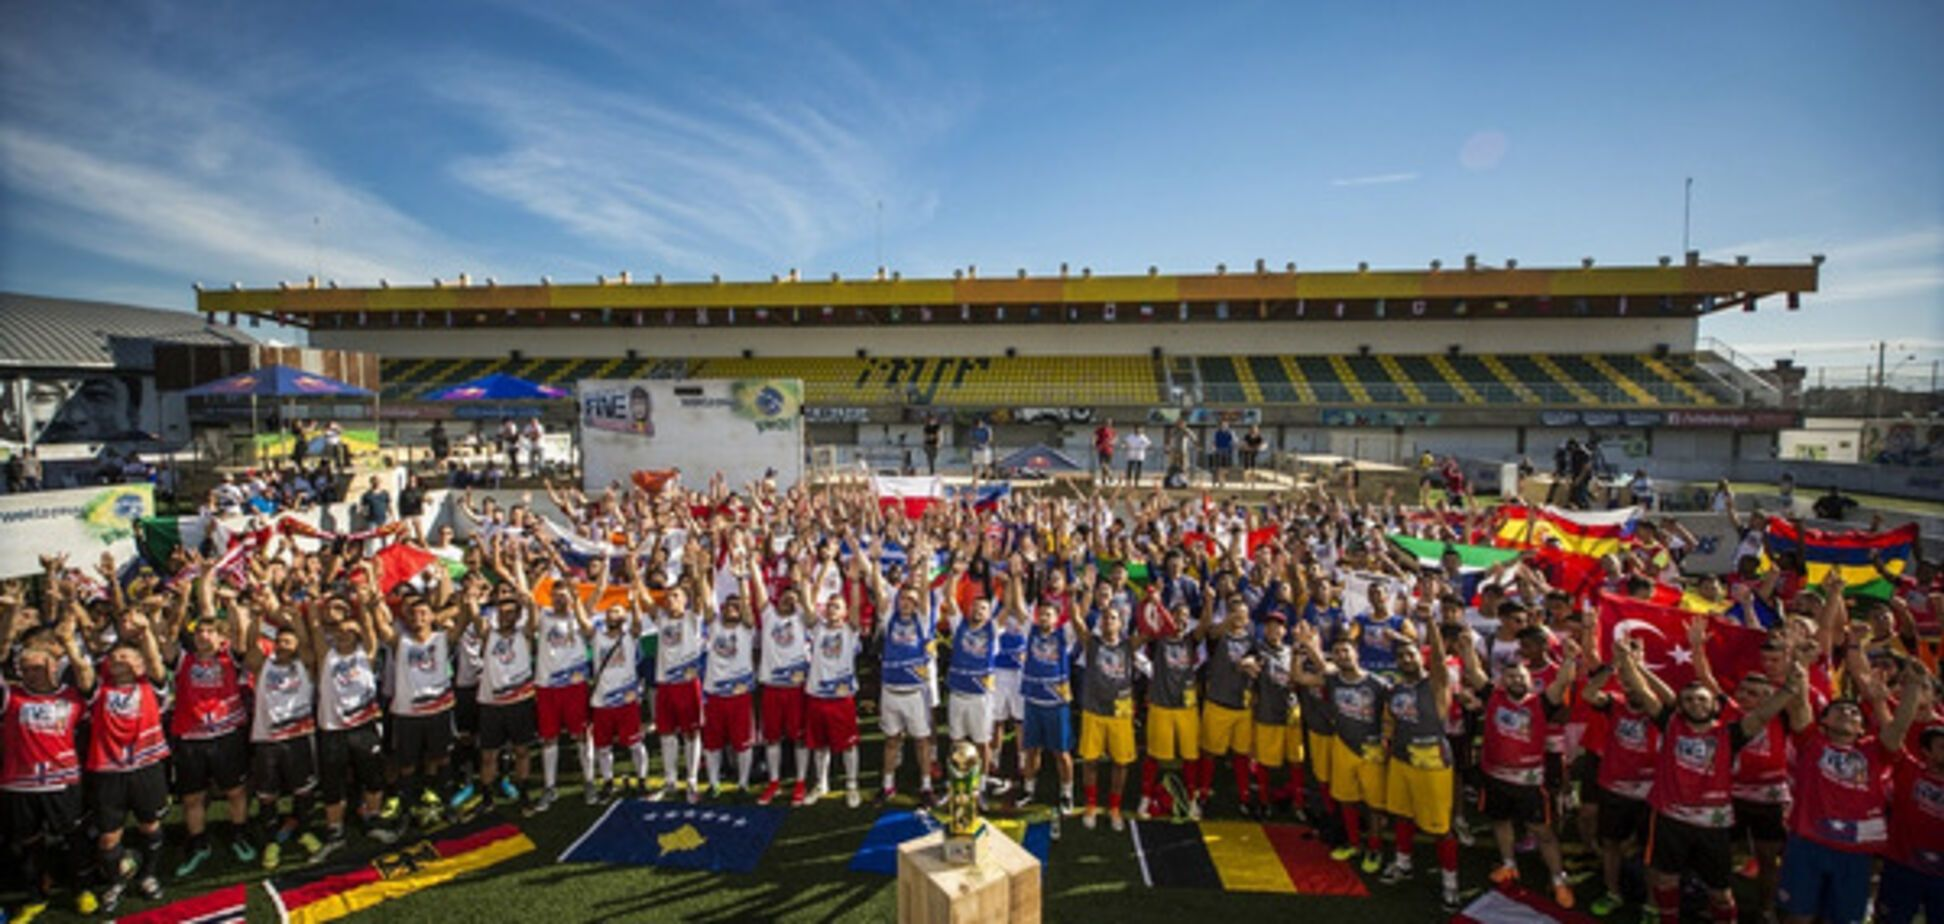 Неймар приглашает украинцев принимать участие  в уникальном международном футбольном турнире Neymar Jr's Five